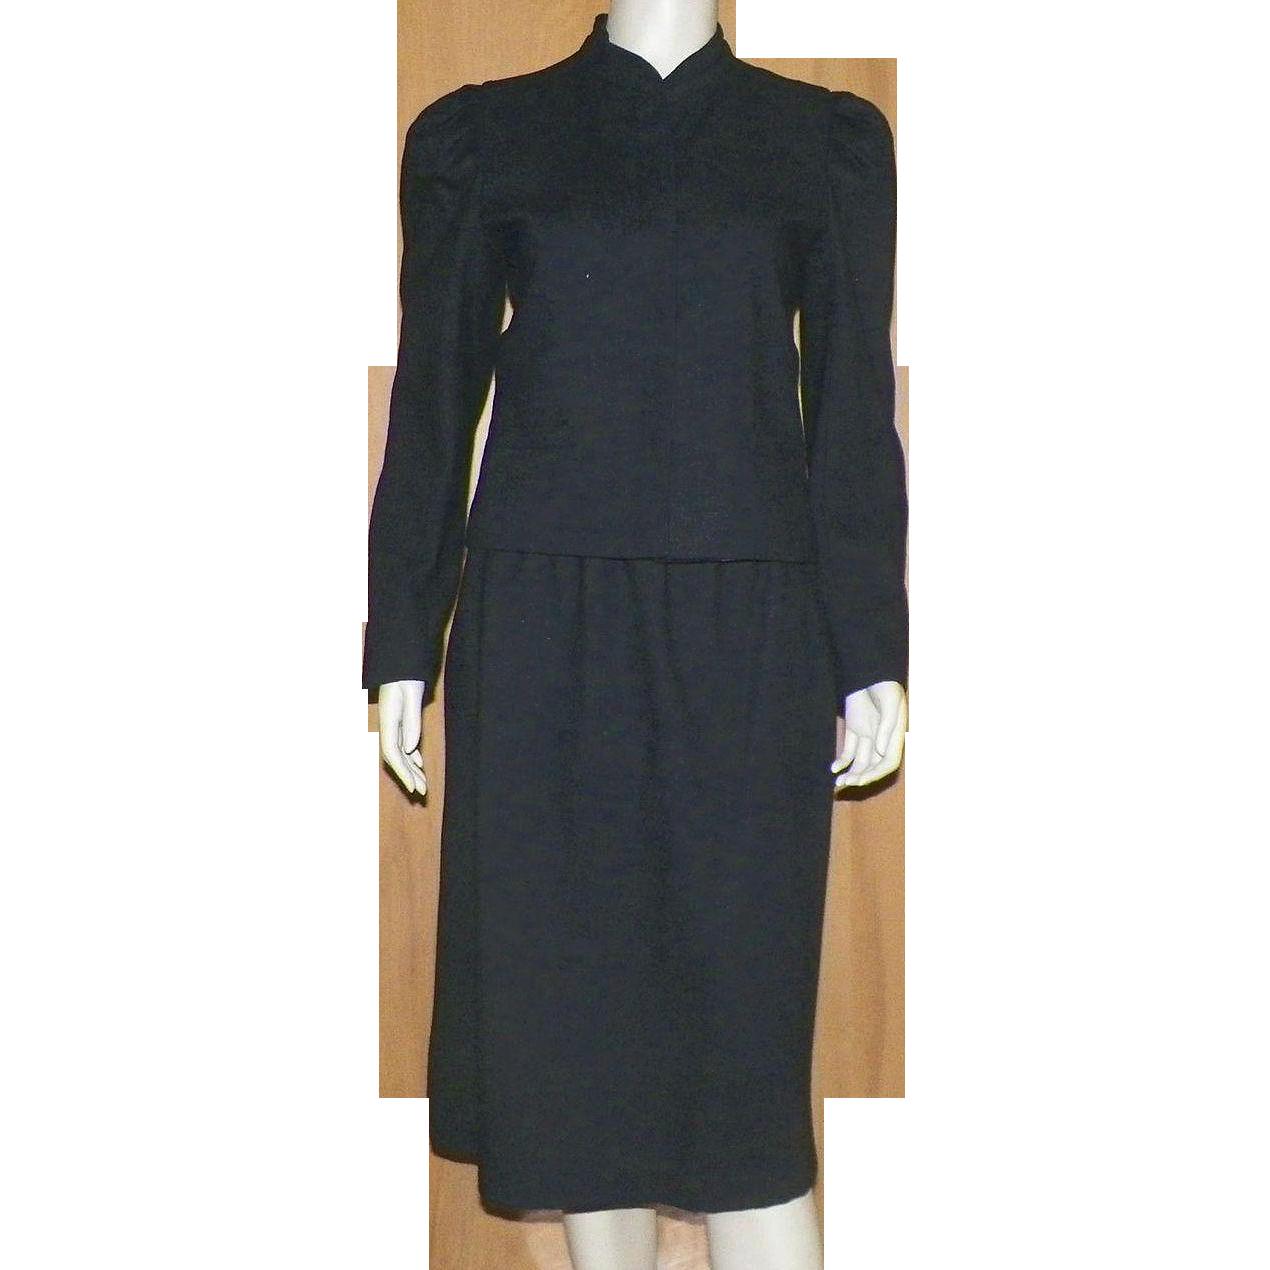 Vintage 1970's 80's Dark Gray Wool Skirt Jacket Suit